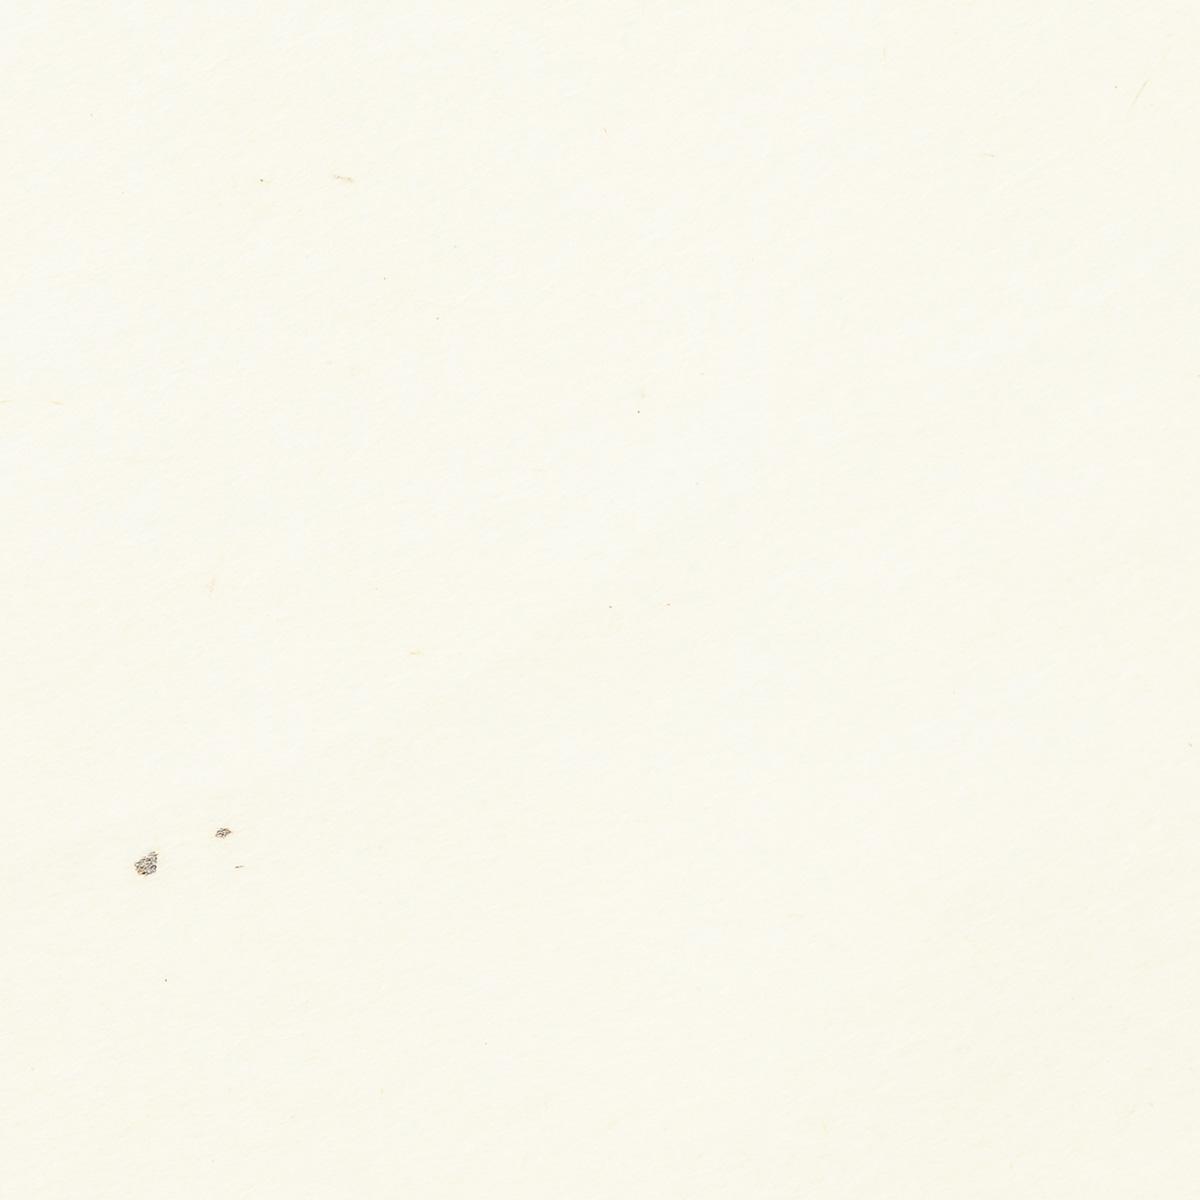 石州 楮紙 稀 板干し 5匁 未晒